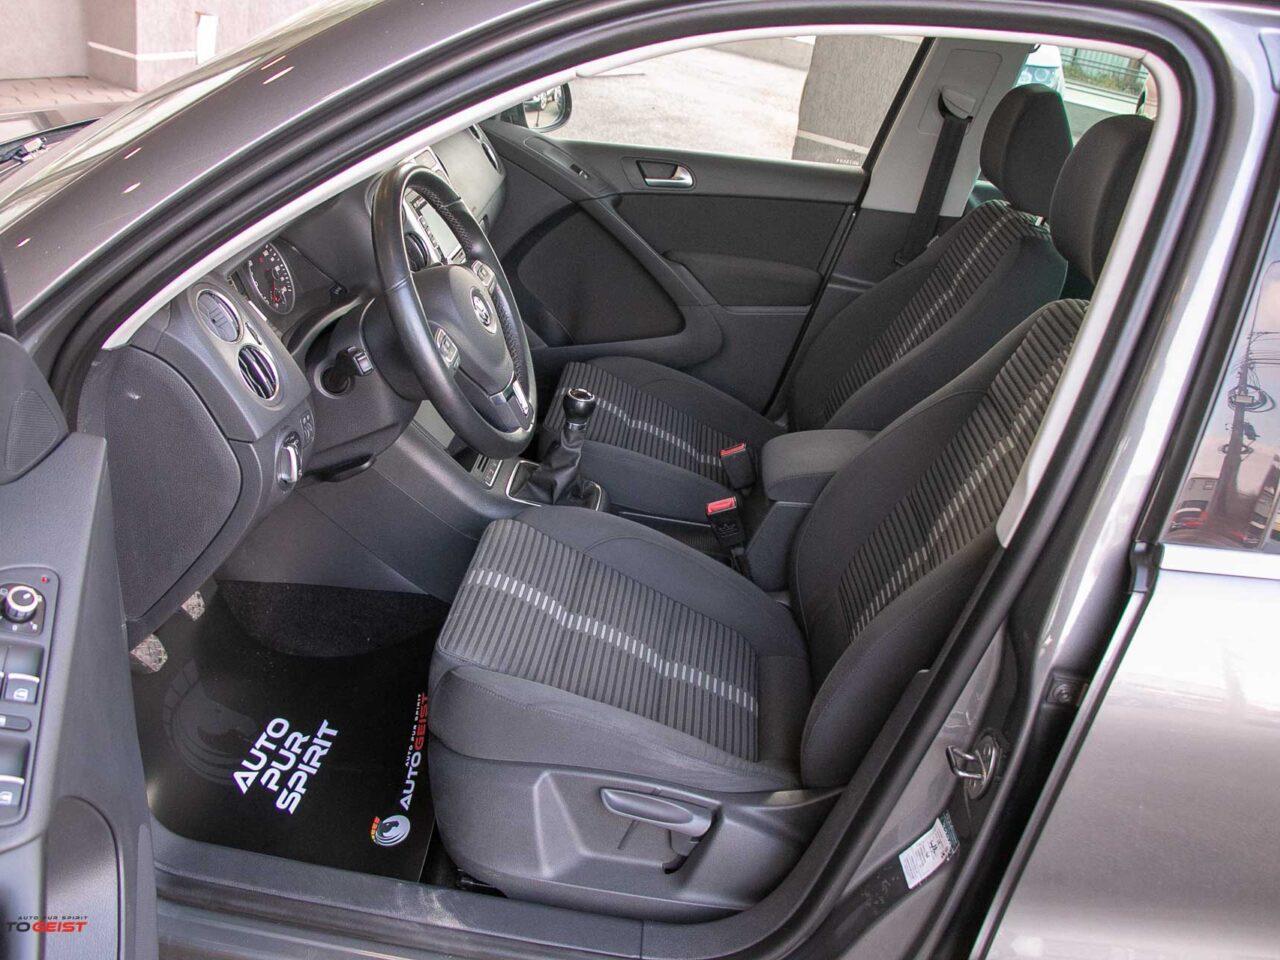 VW-TIGUAN-2011-3737